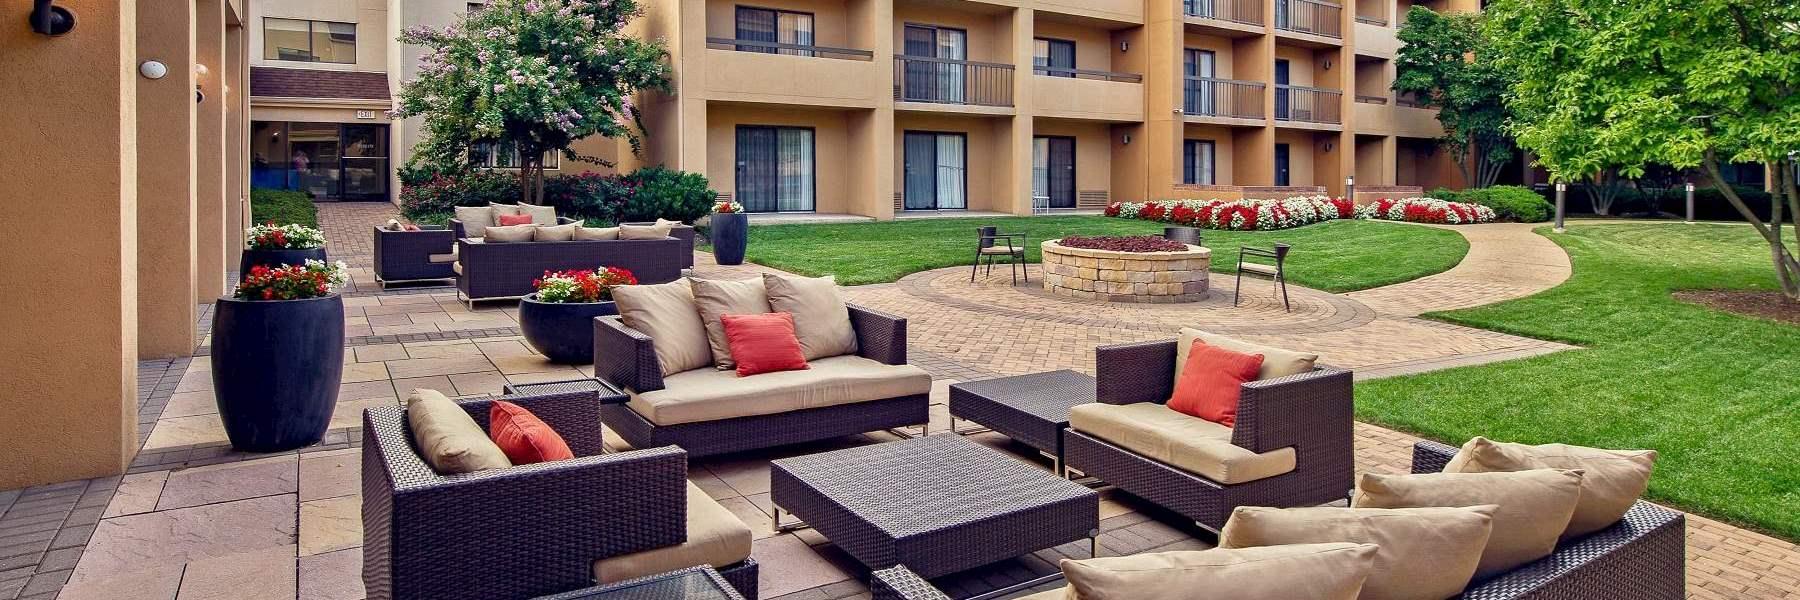 Courtyard Fairfax Fair Oaks